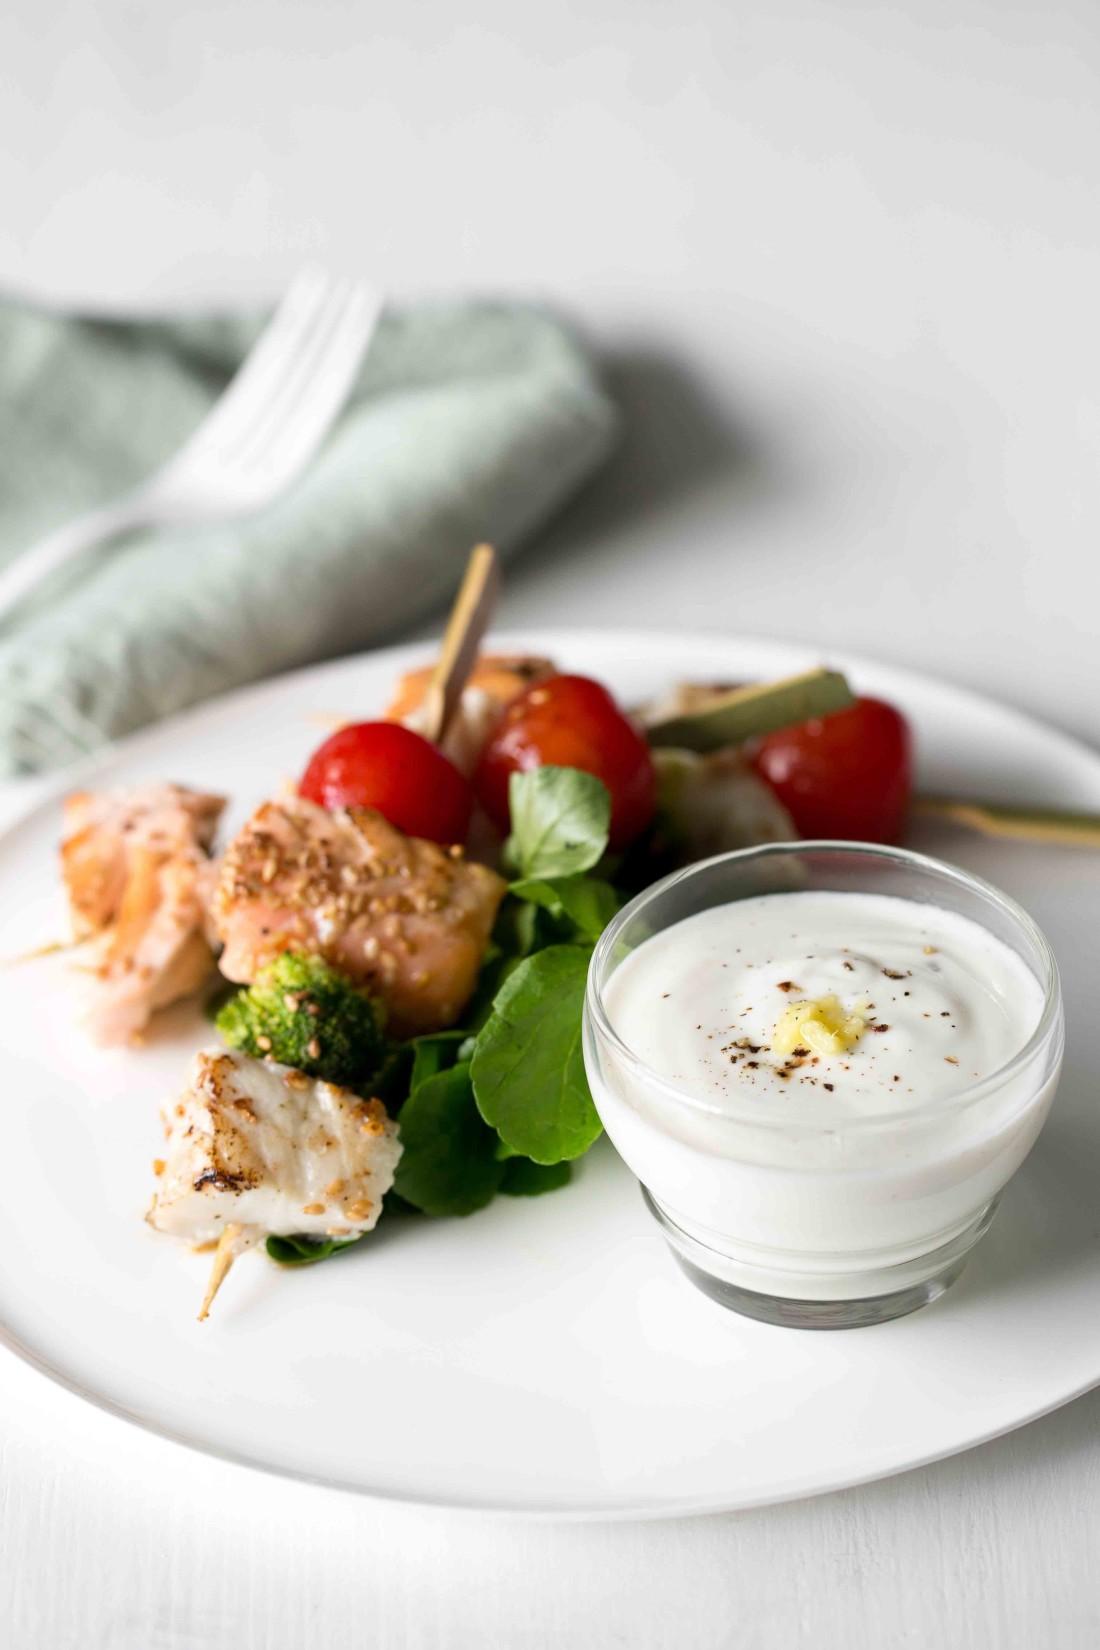 Brochette-de-poisson-sauce-au-yaourt-et-gingembre-EDITH